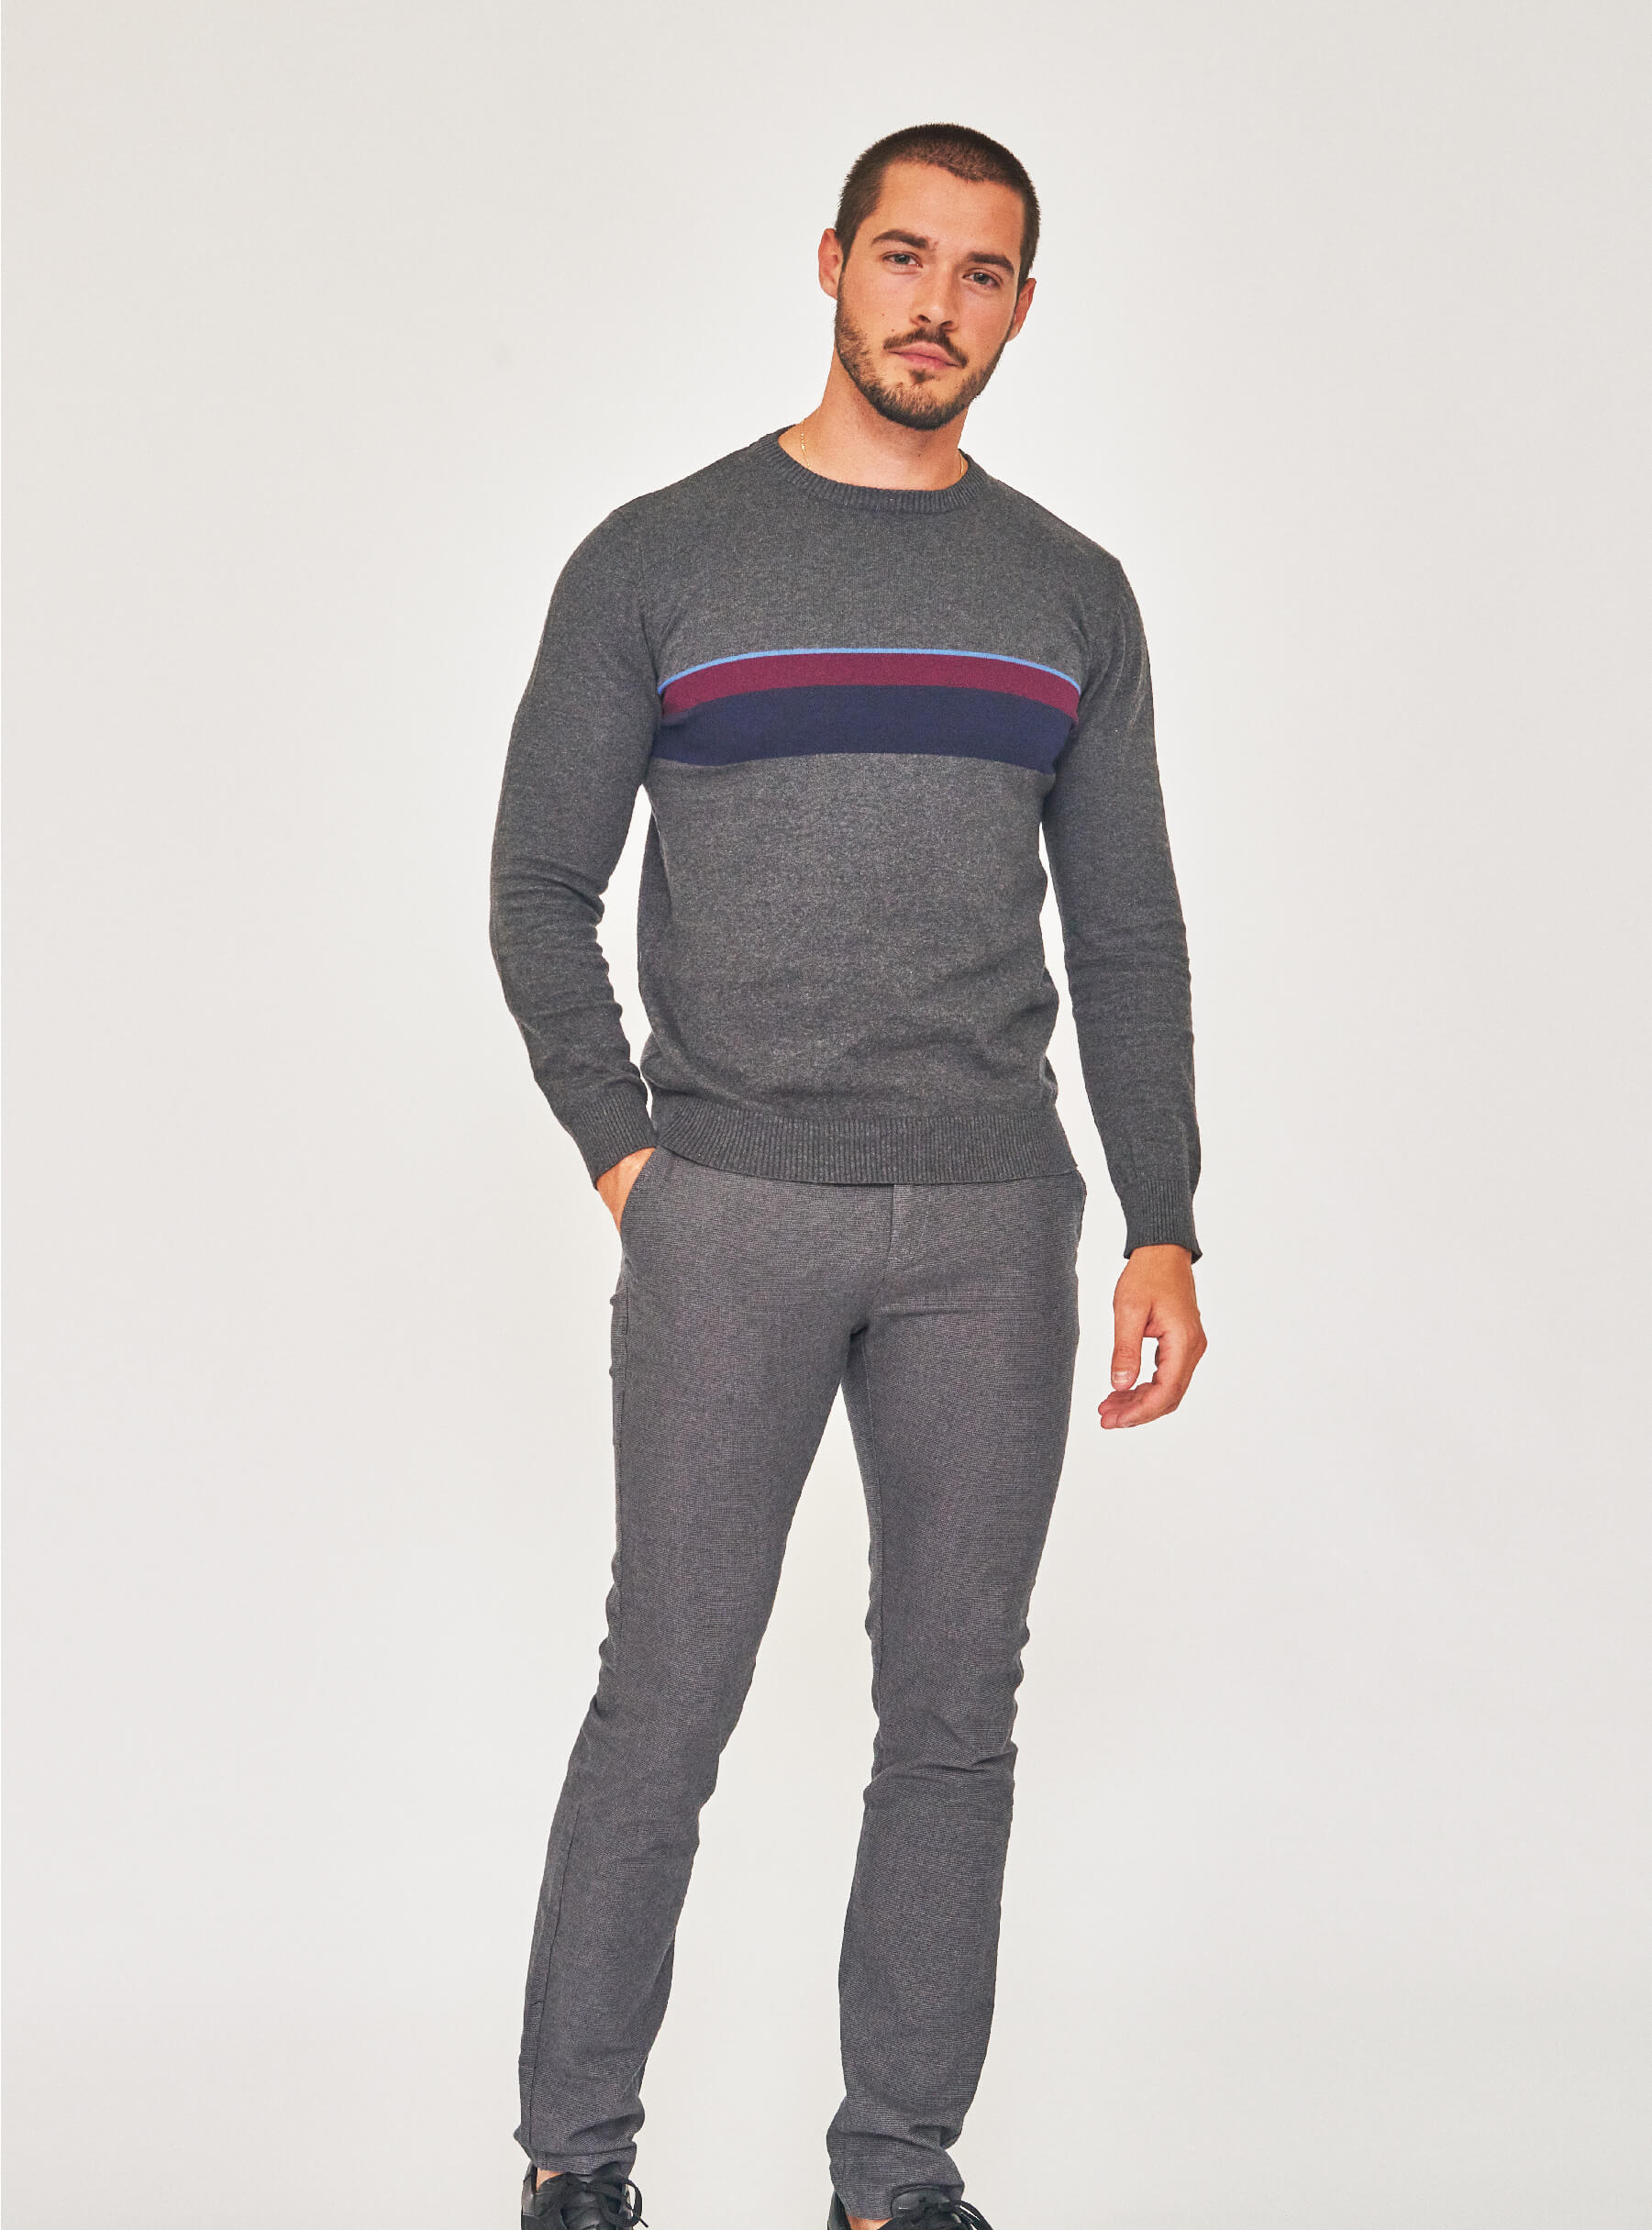 Marx hlače 319 hrk -50%; Marx pulover 239 hrk -50%;